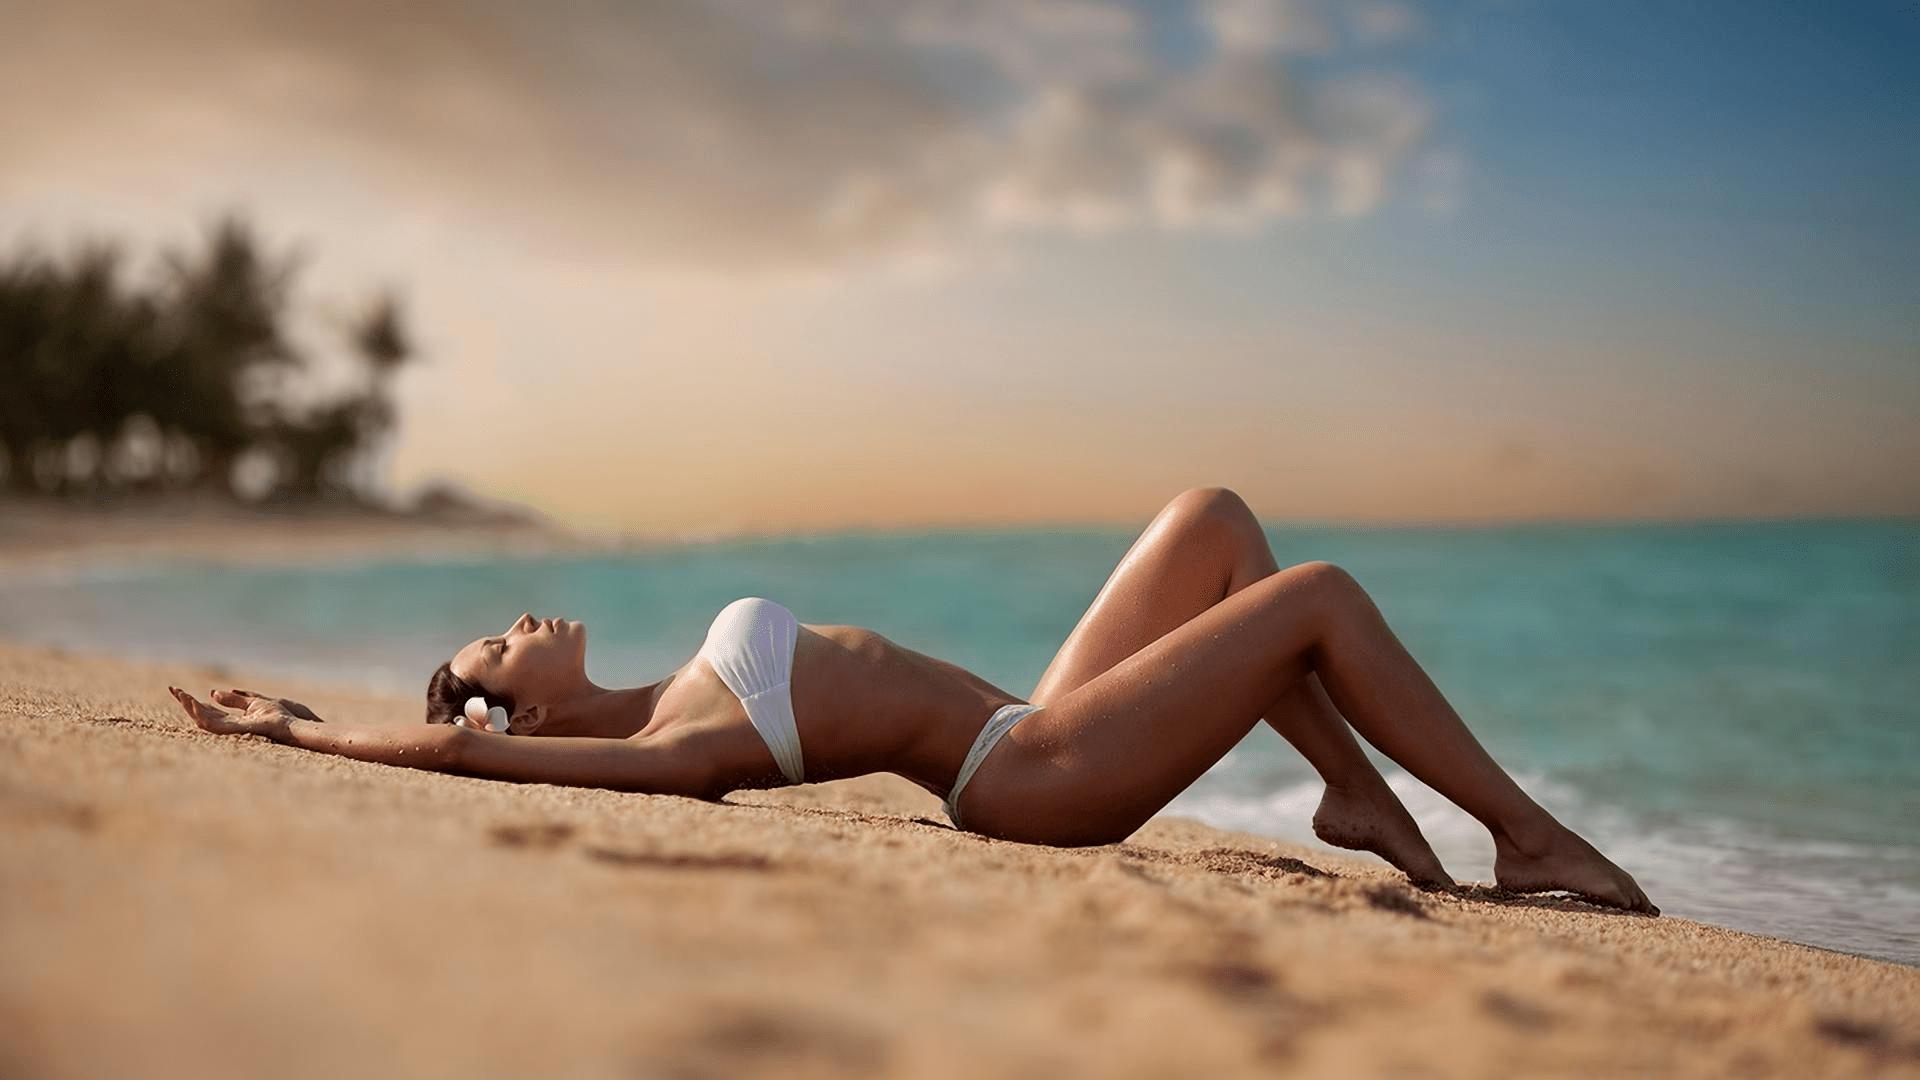 Γιατι το καλοκαιρι οι γυναικες ξεσαλωνουν ερωτικα;